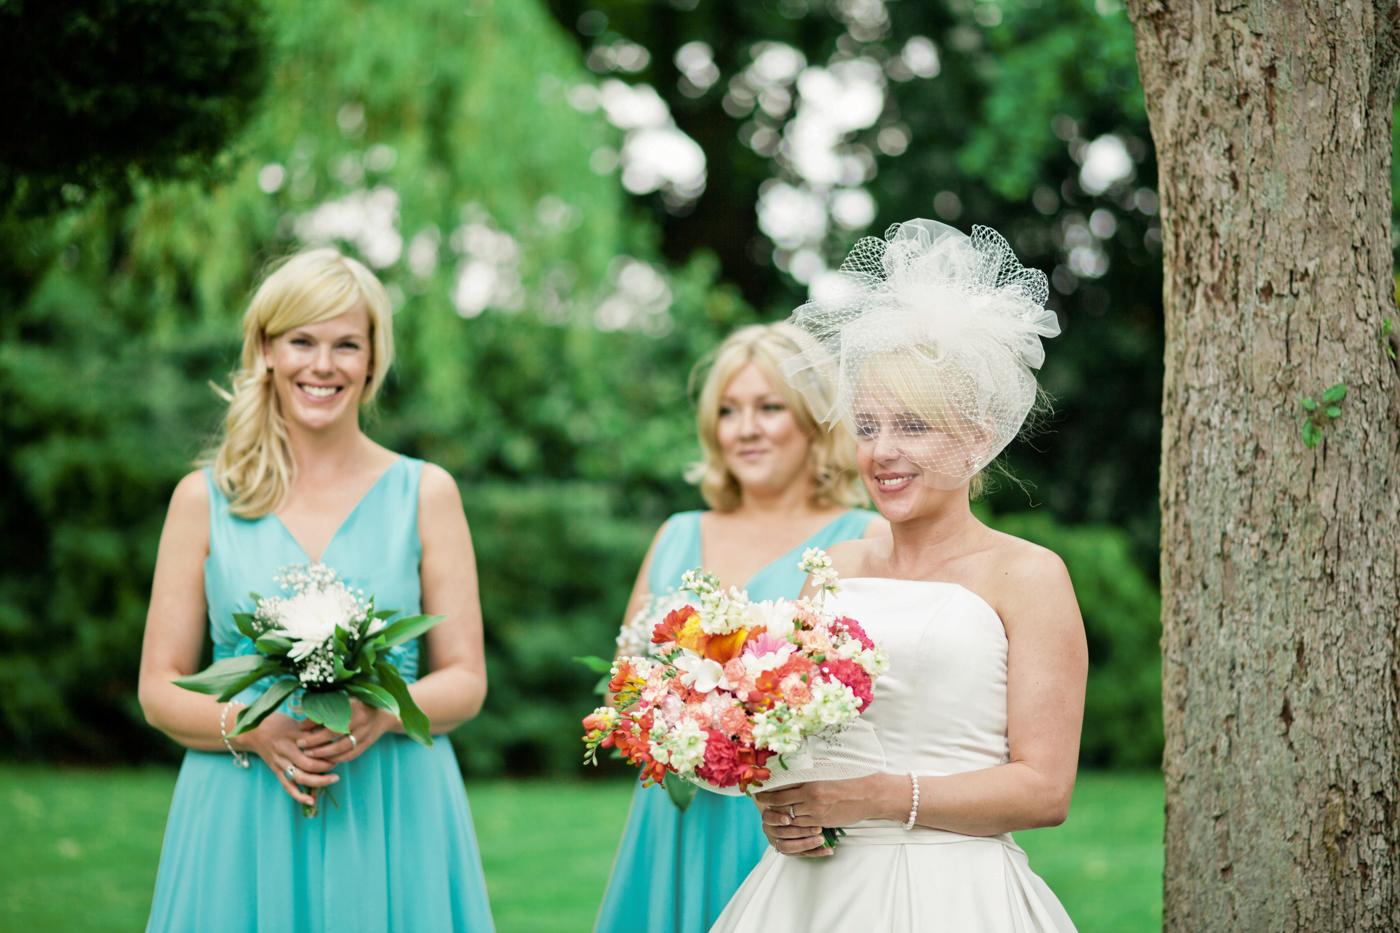 198 Keedy and Carl at The Secret Garden in Retford  - Wedding Photography by Mark Pugh www.markpugh.com_.jpg